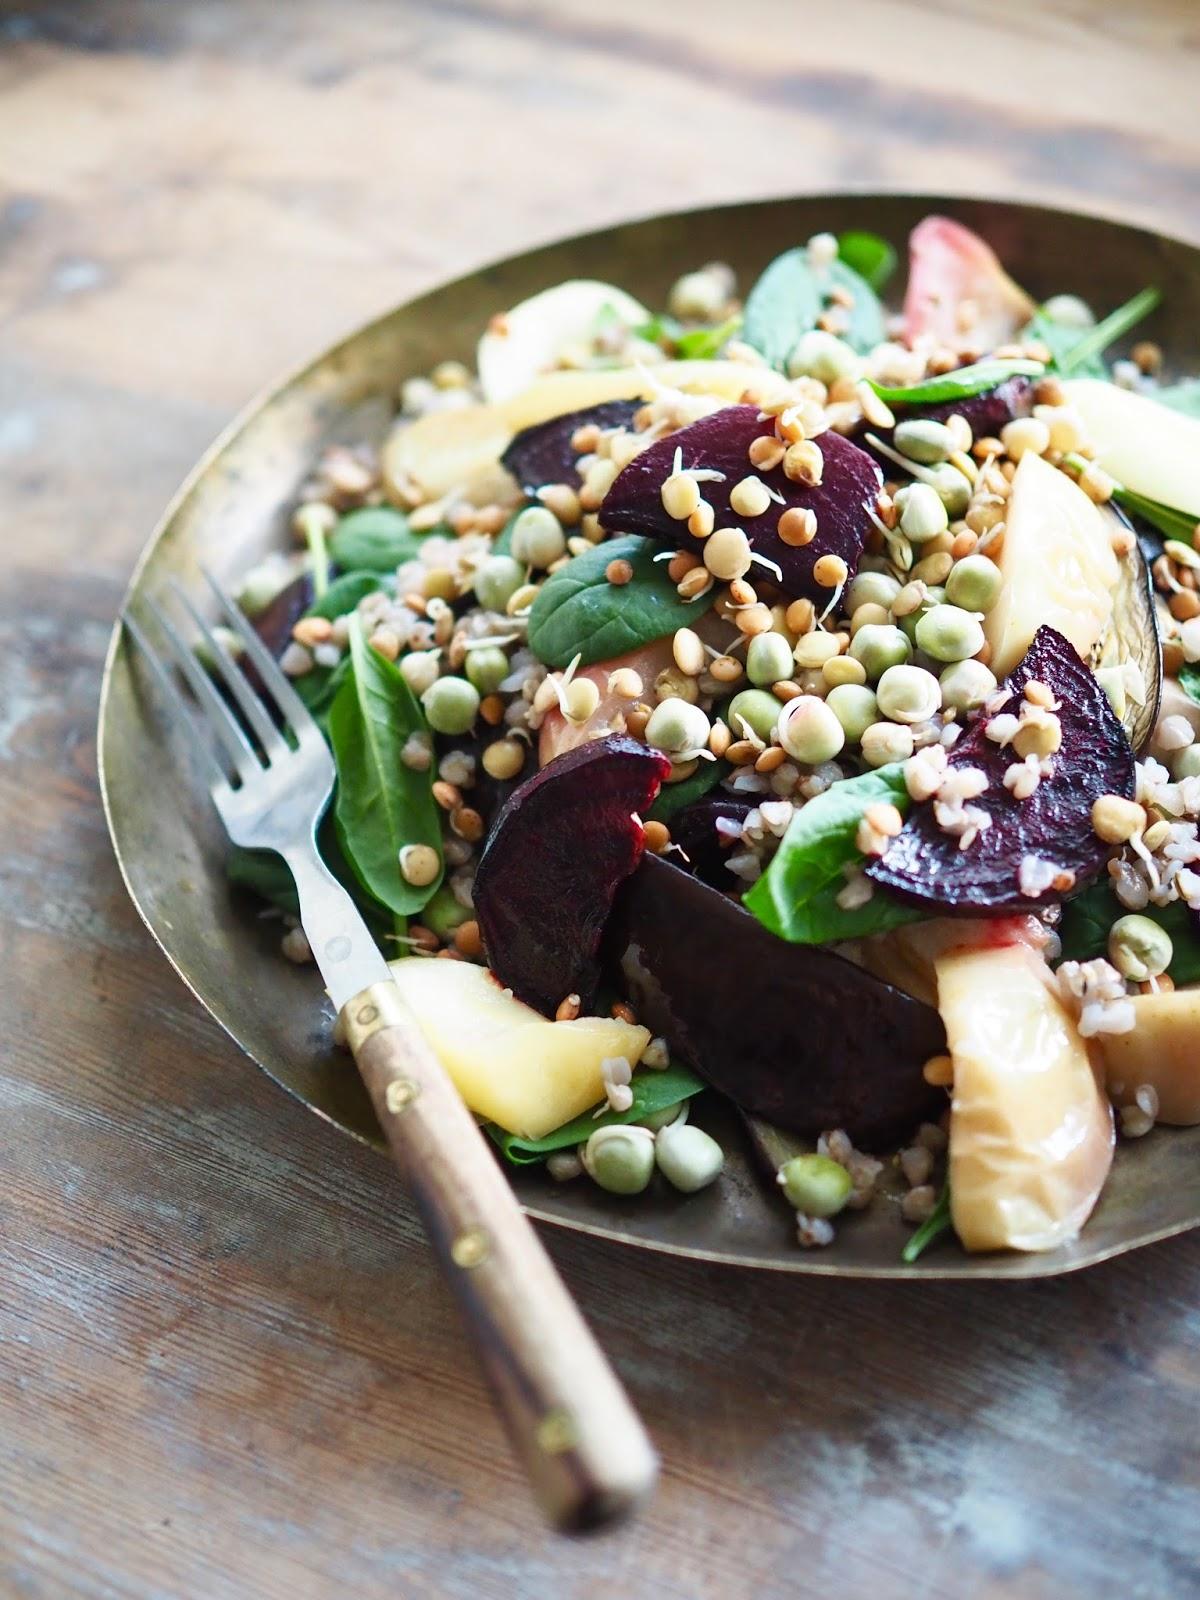 Pinaatti-omenasalaatti, salaatti paahdetusta punajuuresta, punajuurisalaatti, idut salaatissa